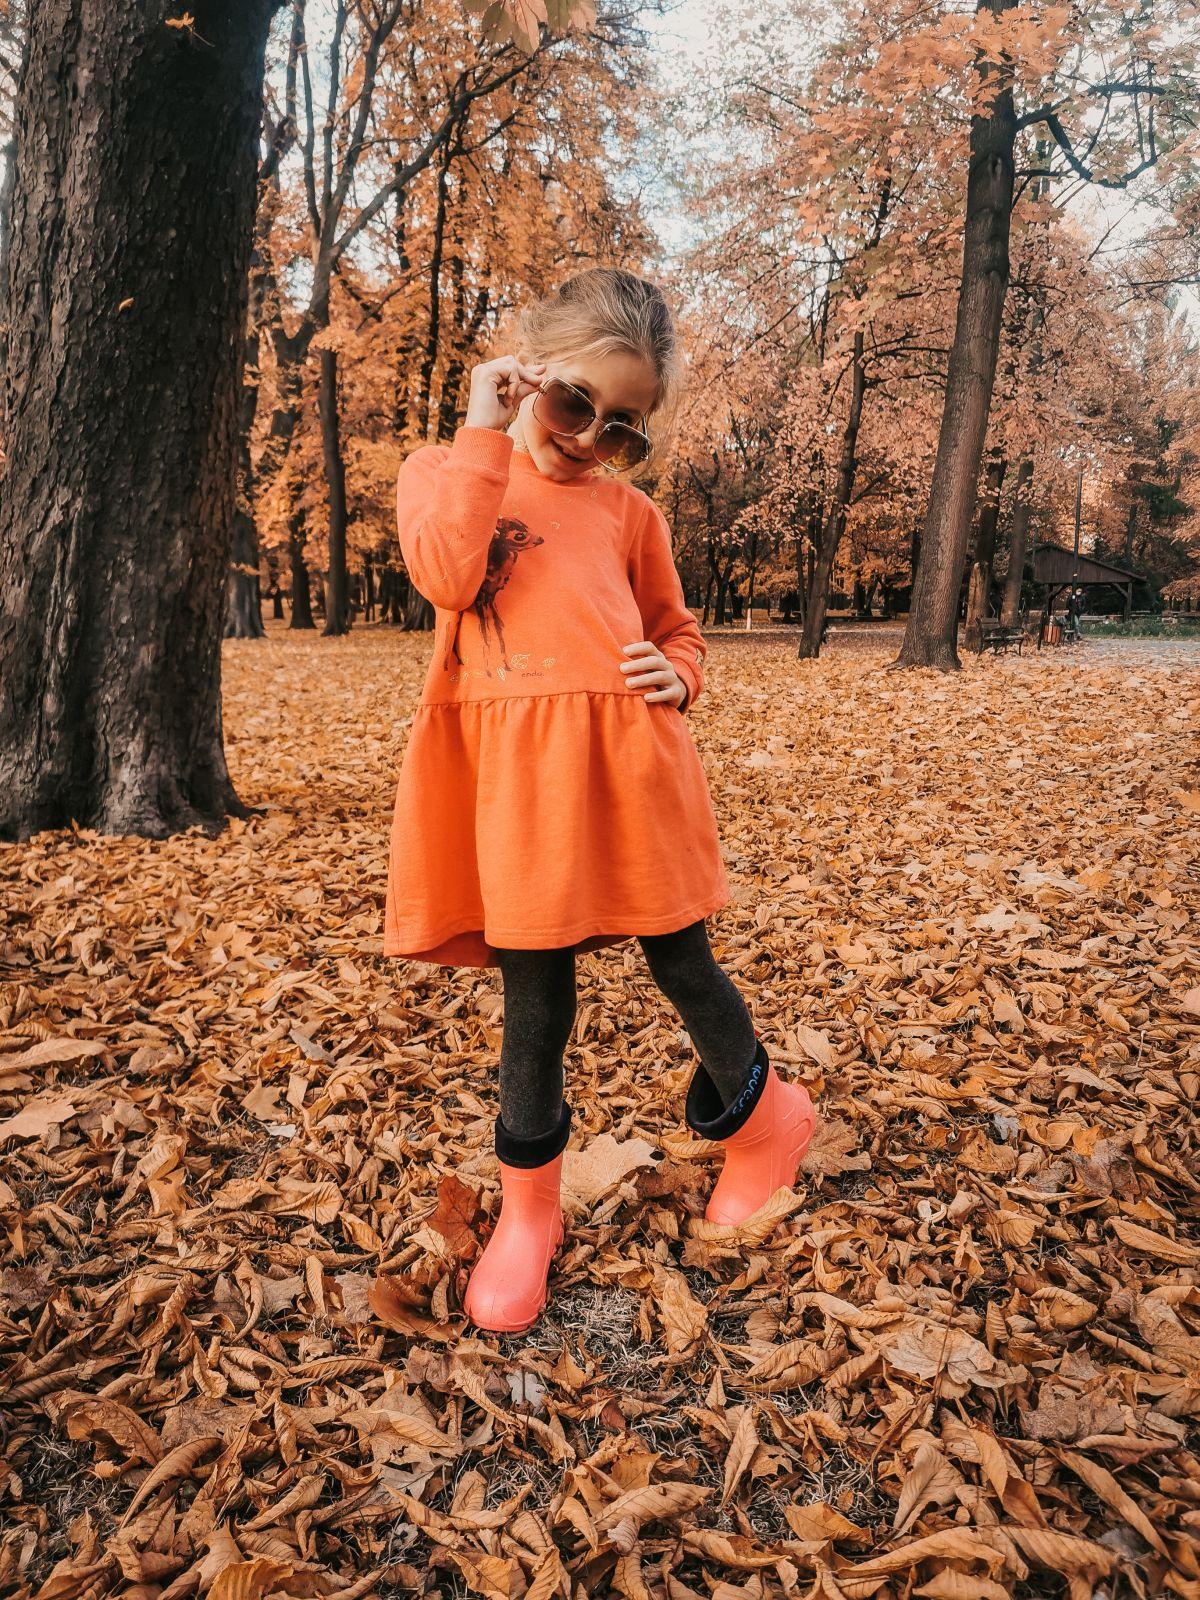 Dziewczynka w pomarańczowej sukience pozująca do zdjęcia w jesiennym parku.